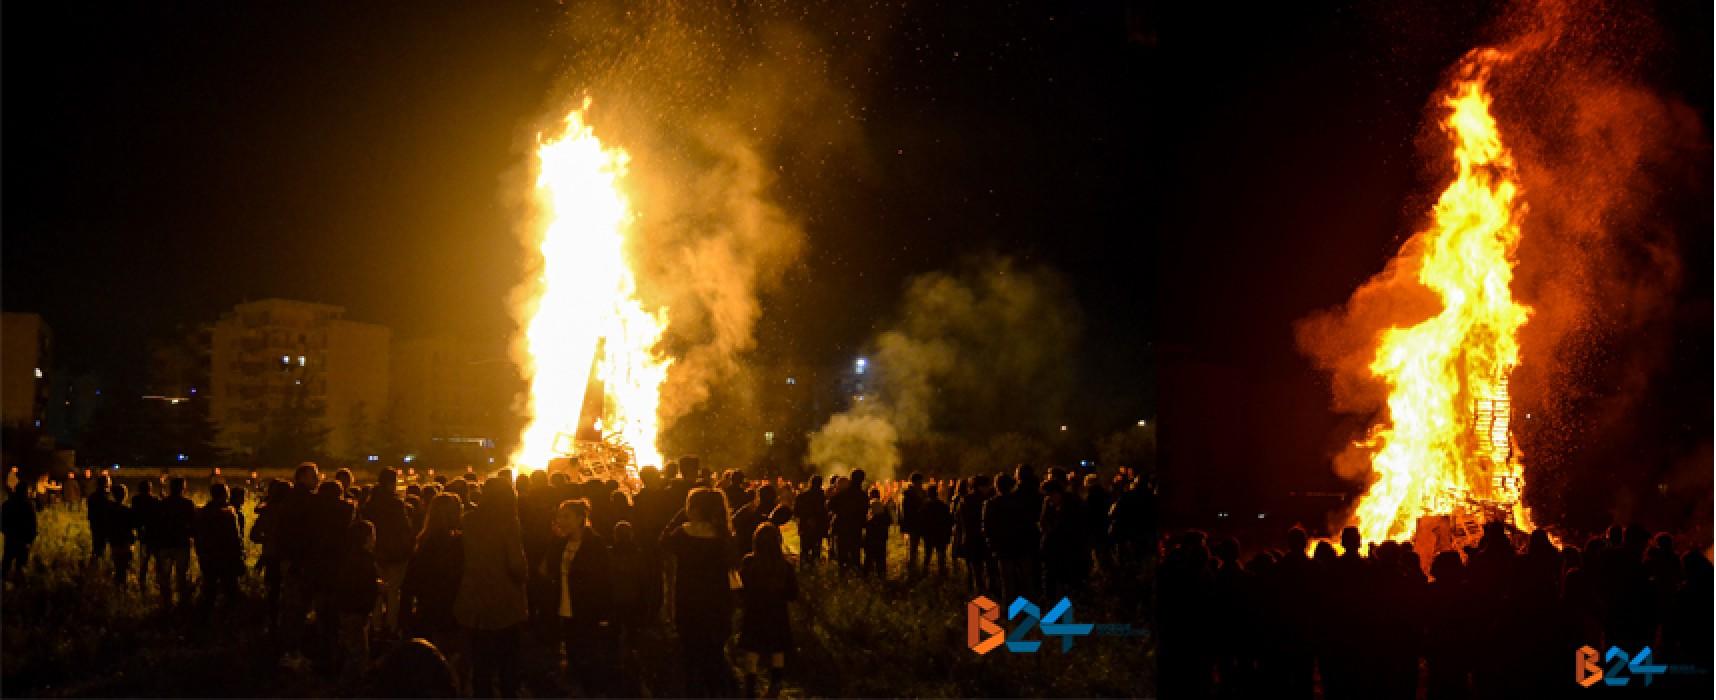 Anche quest'anno si è rinnovata la magica tradizione dei falò / FOTO